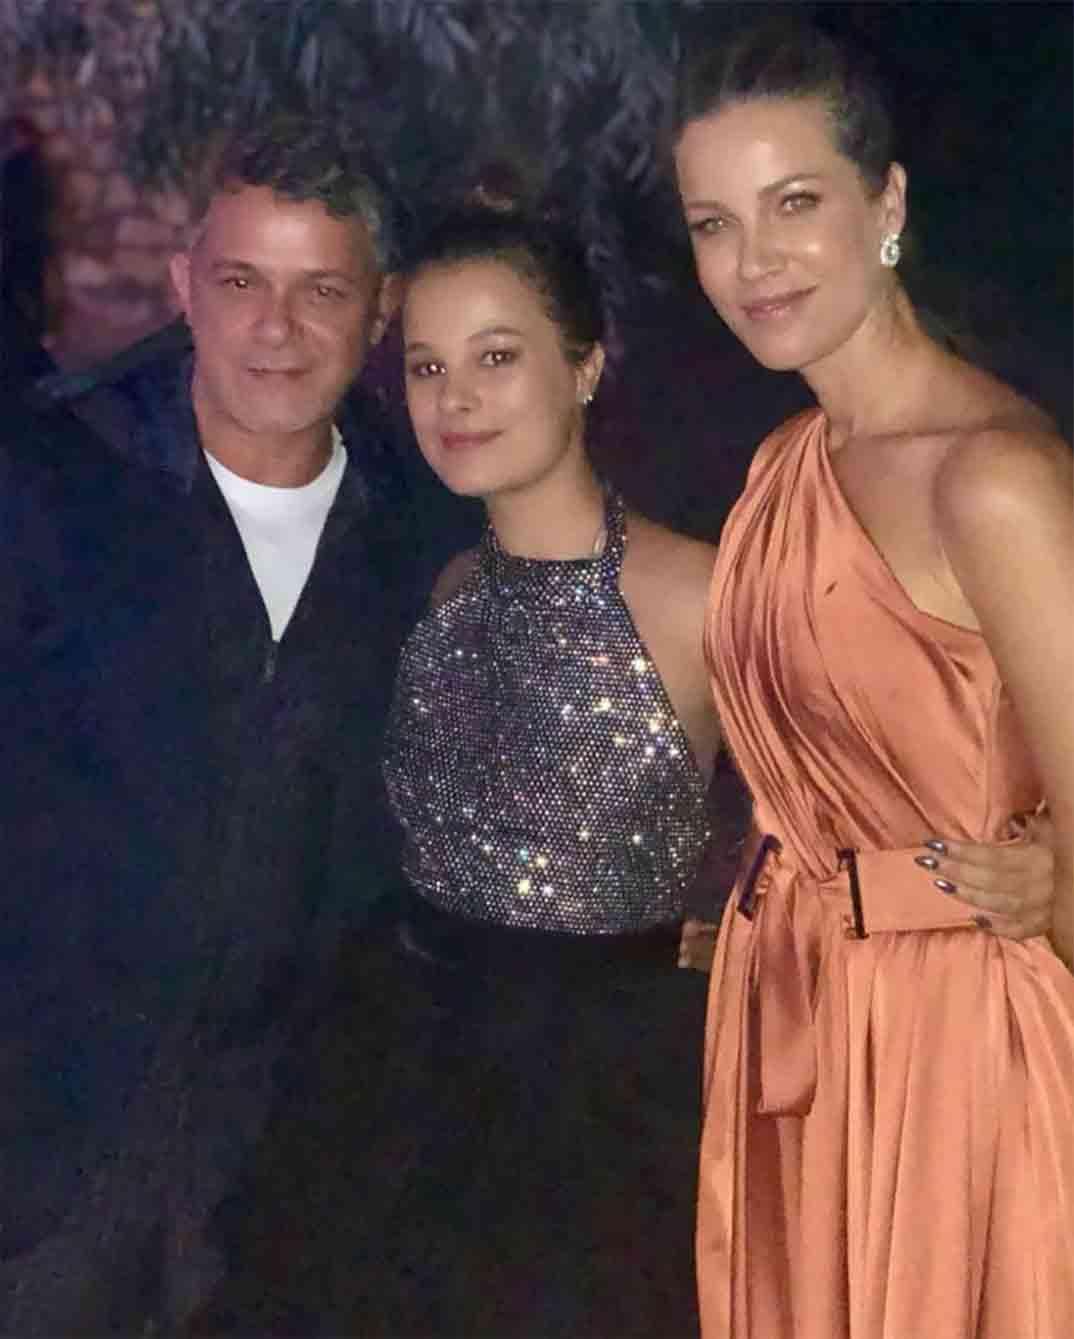 Manuela con sus padres Alejandro Sanz y Jaydy Michel © Instagram